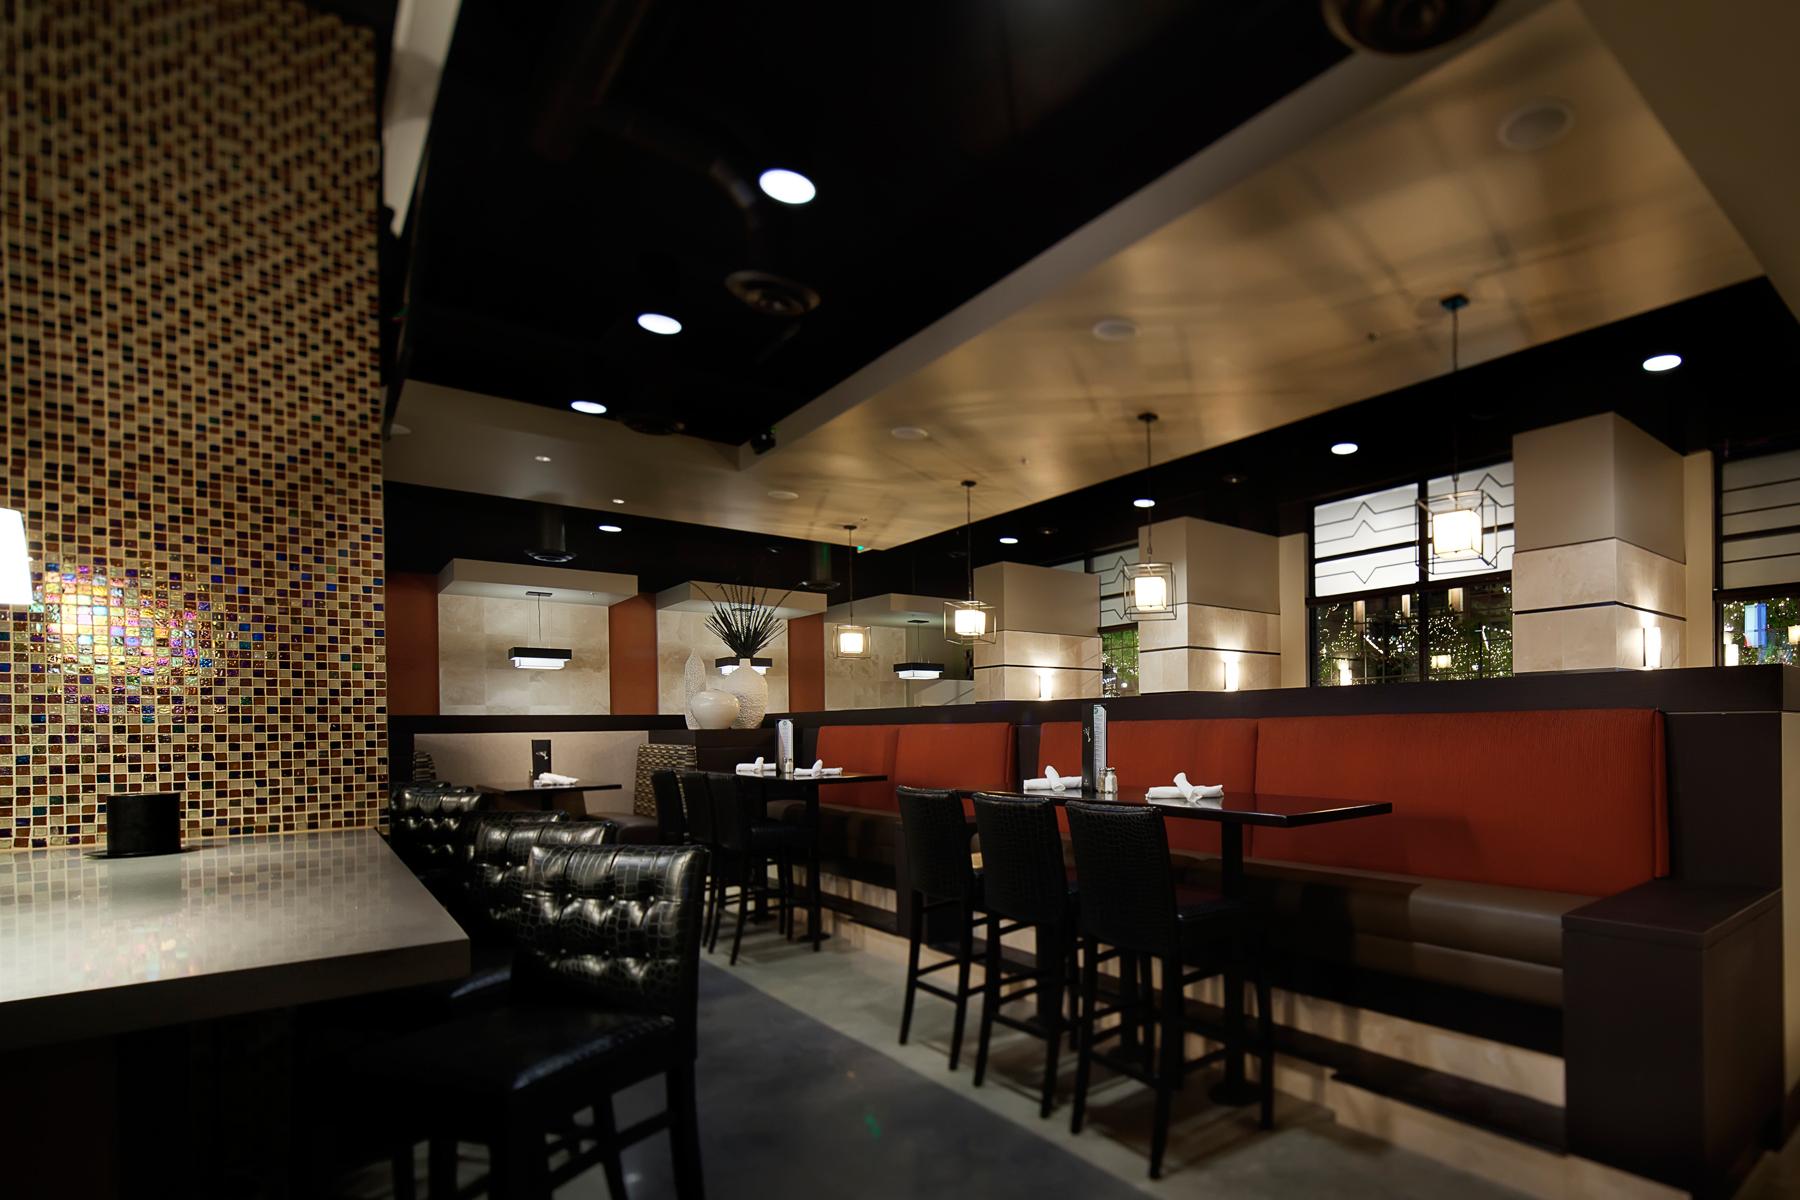 Restaurant Design and Build Colorado